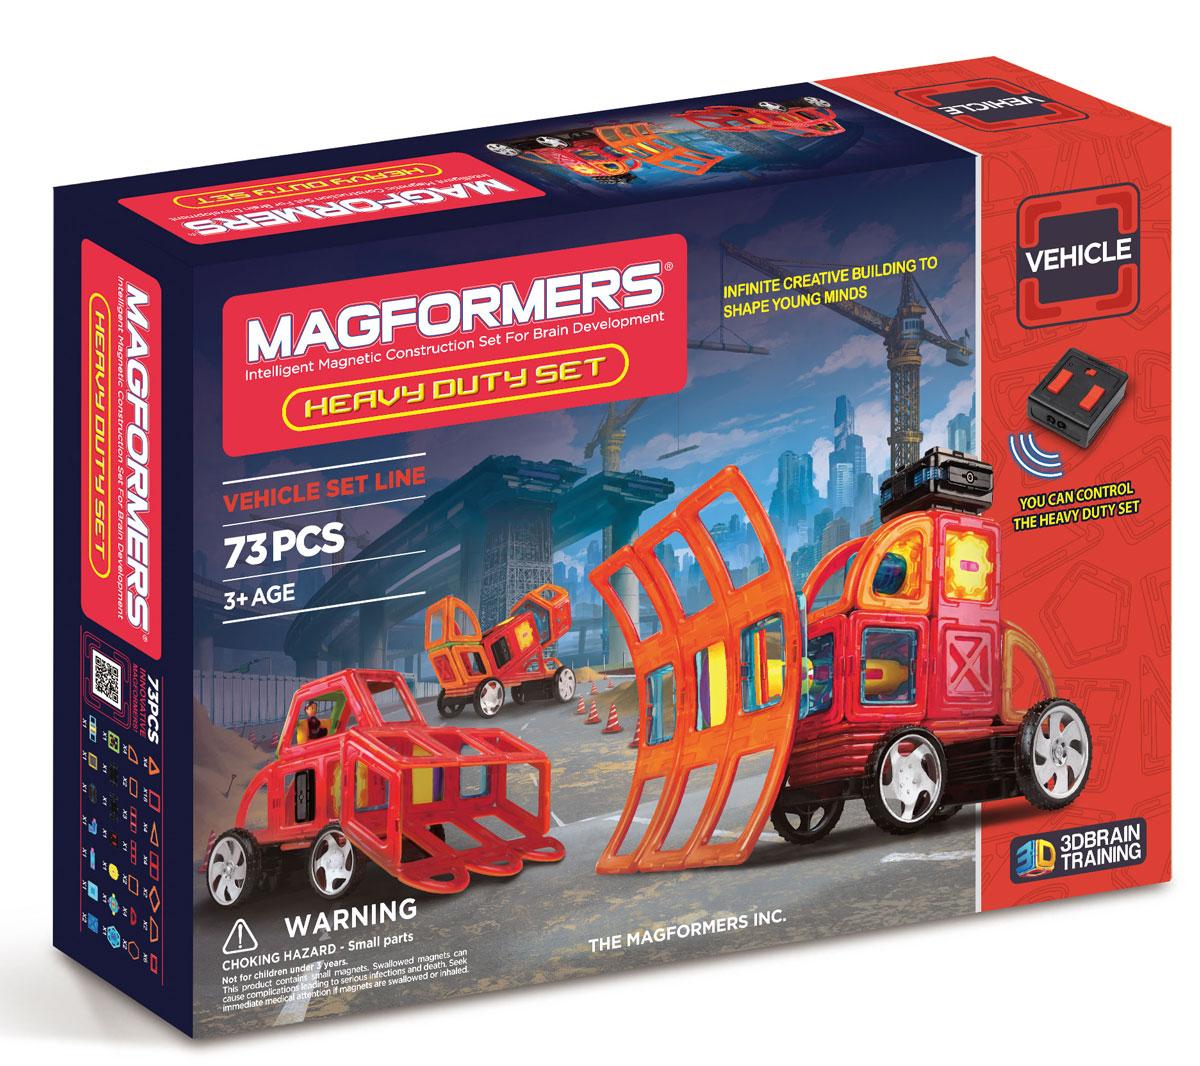 Magformers Магнитный конструктор Heavy Duty Set63139Набор Heavy Duty Set содержит основные магнитные формы Магформерс, а также аксессуары — колеса, пульт дистанционного управления, источник питания, элементы вращения. С набором Heavy Duty Set вы сможете создавать технически сложные модели специальных служб. Обращаем ваше внимание, что наборы Магформерс предназначены для детей старше 3-х лет. Дети меньшего возраста тоже с удовольствием играют в Магформерс, но только вместе с родителями!